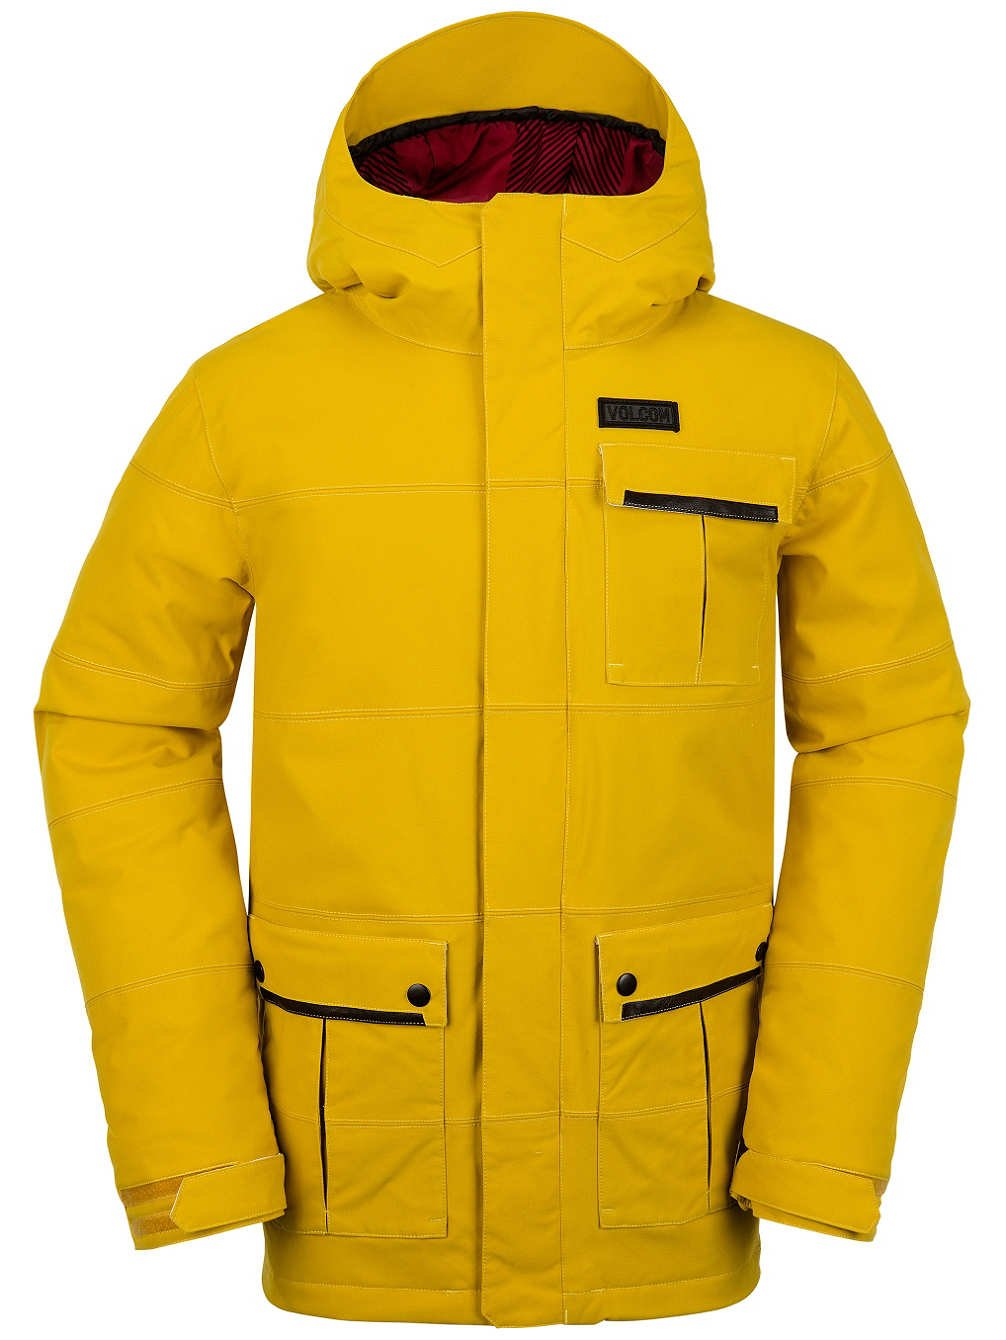 Herren Snowboard Jacke Volcom Pat Moore Ins Jacket online kaufen